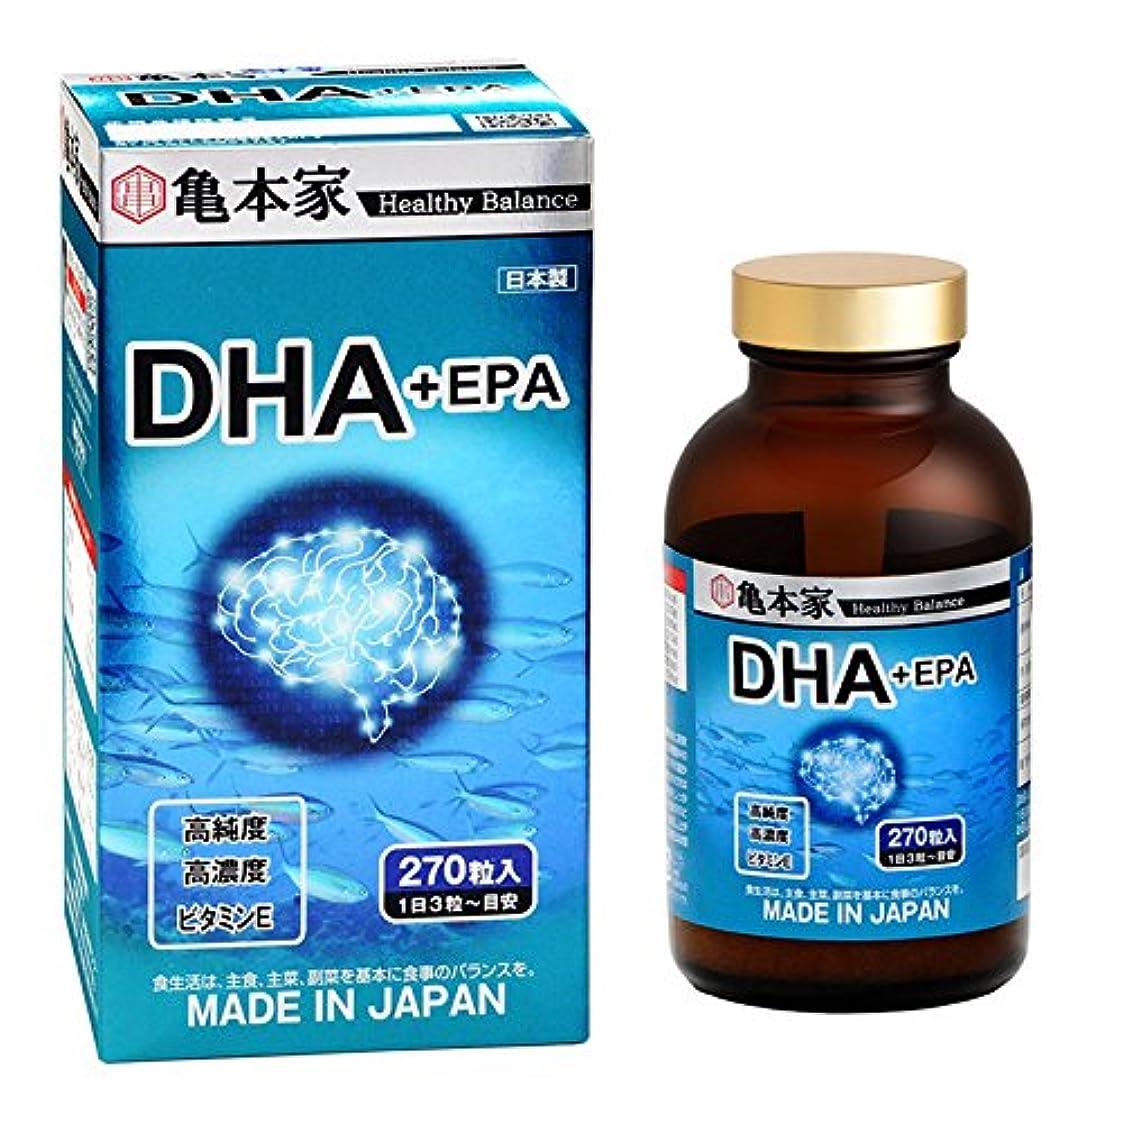 結論自治持参亀本家 DHA+EPA -SH762285